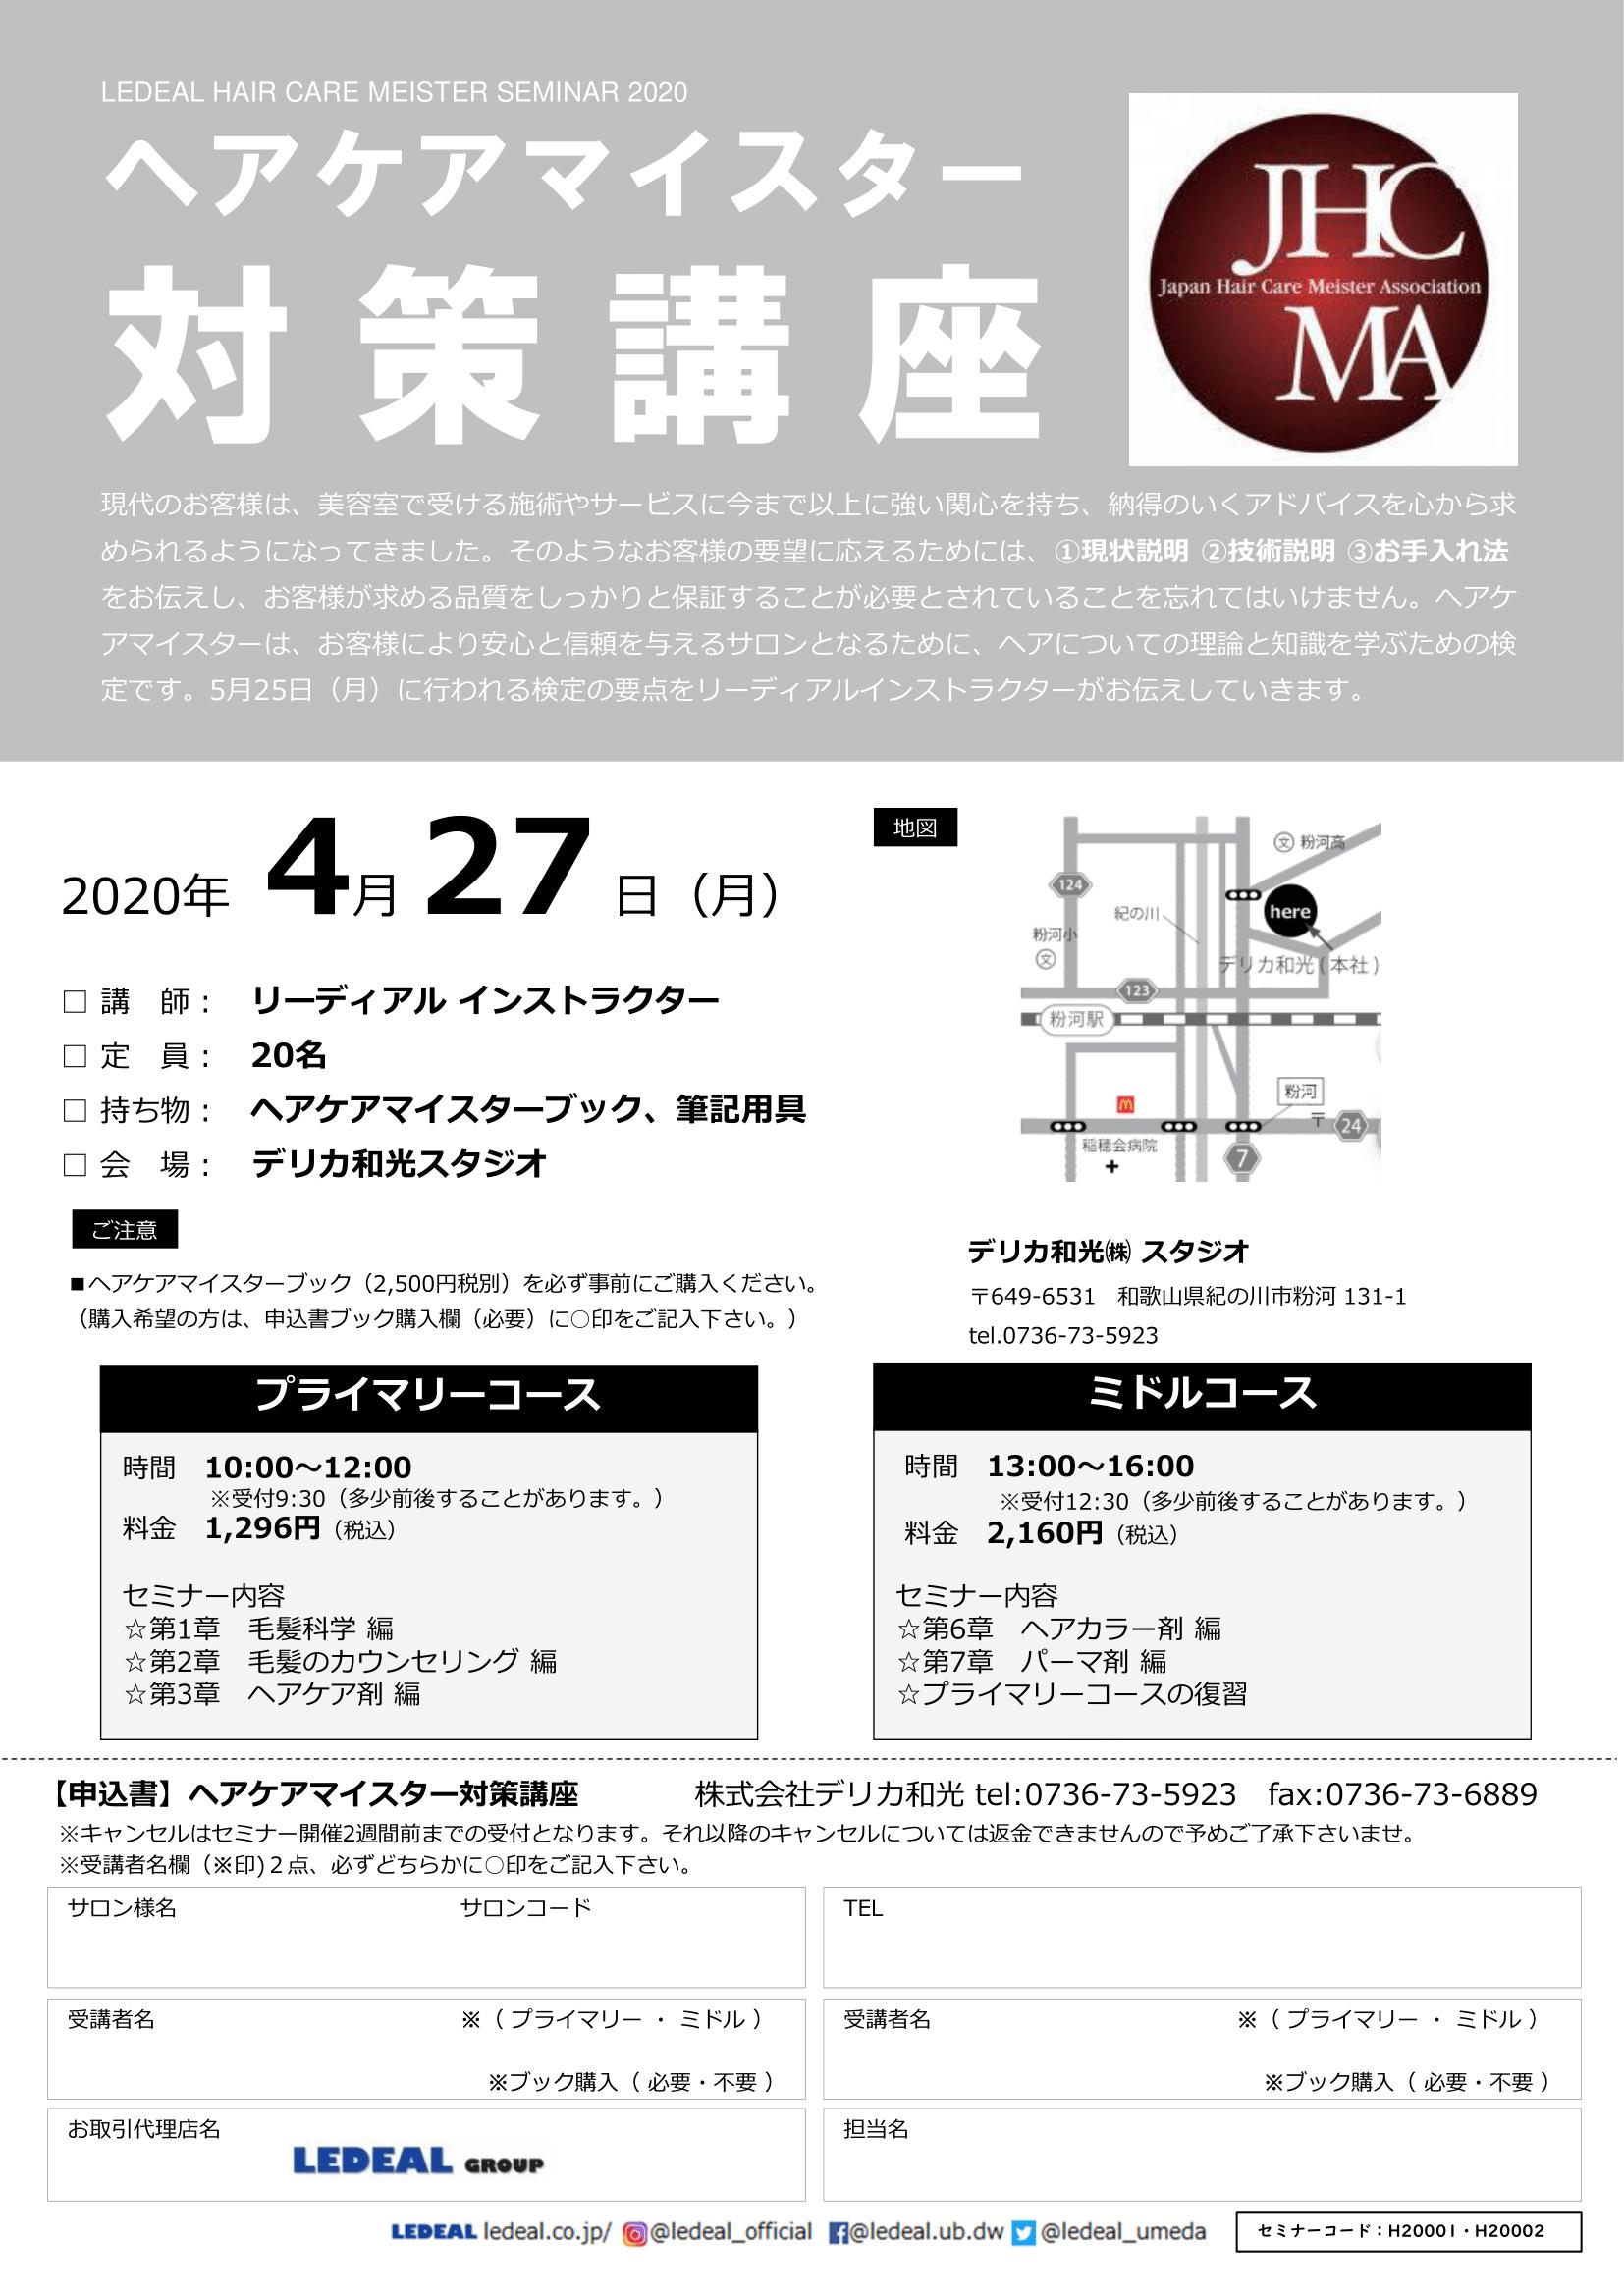 【和歌山】ヘアケアマイスター対策講座(プライマリー)